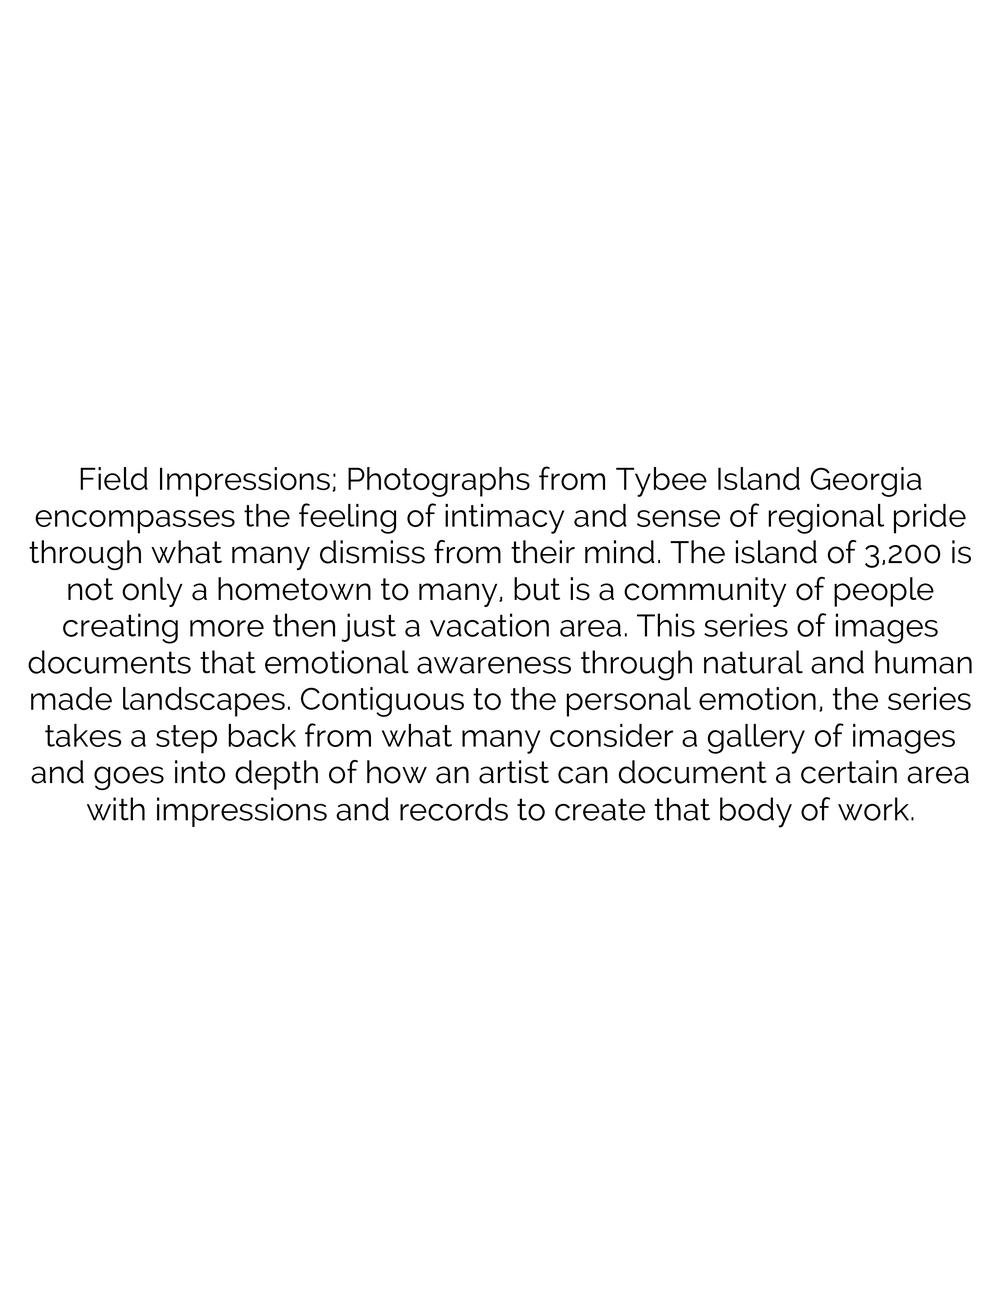 Field Impressions-Artist Statement.jpg